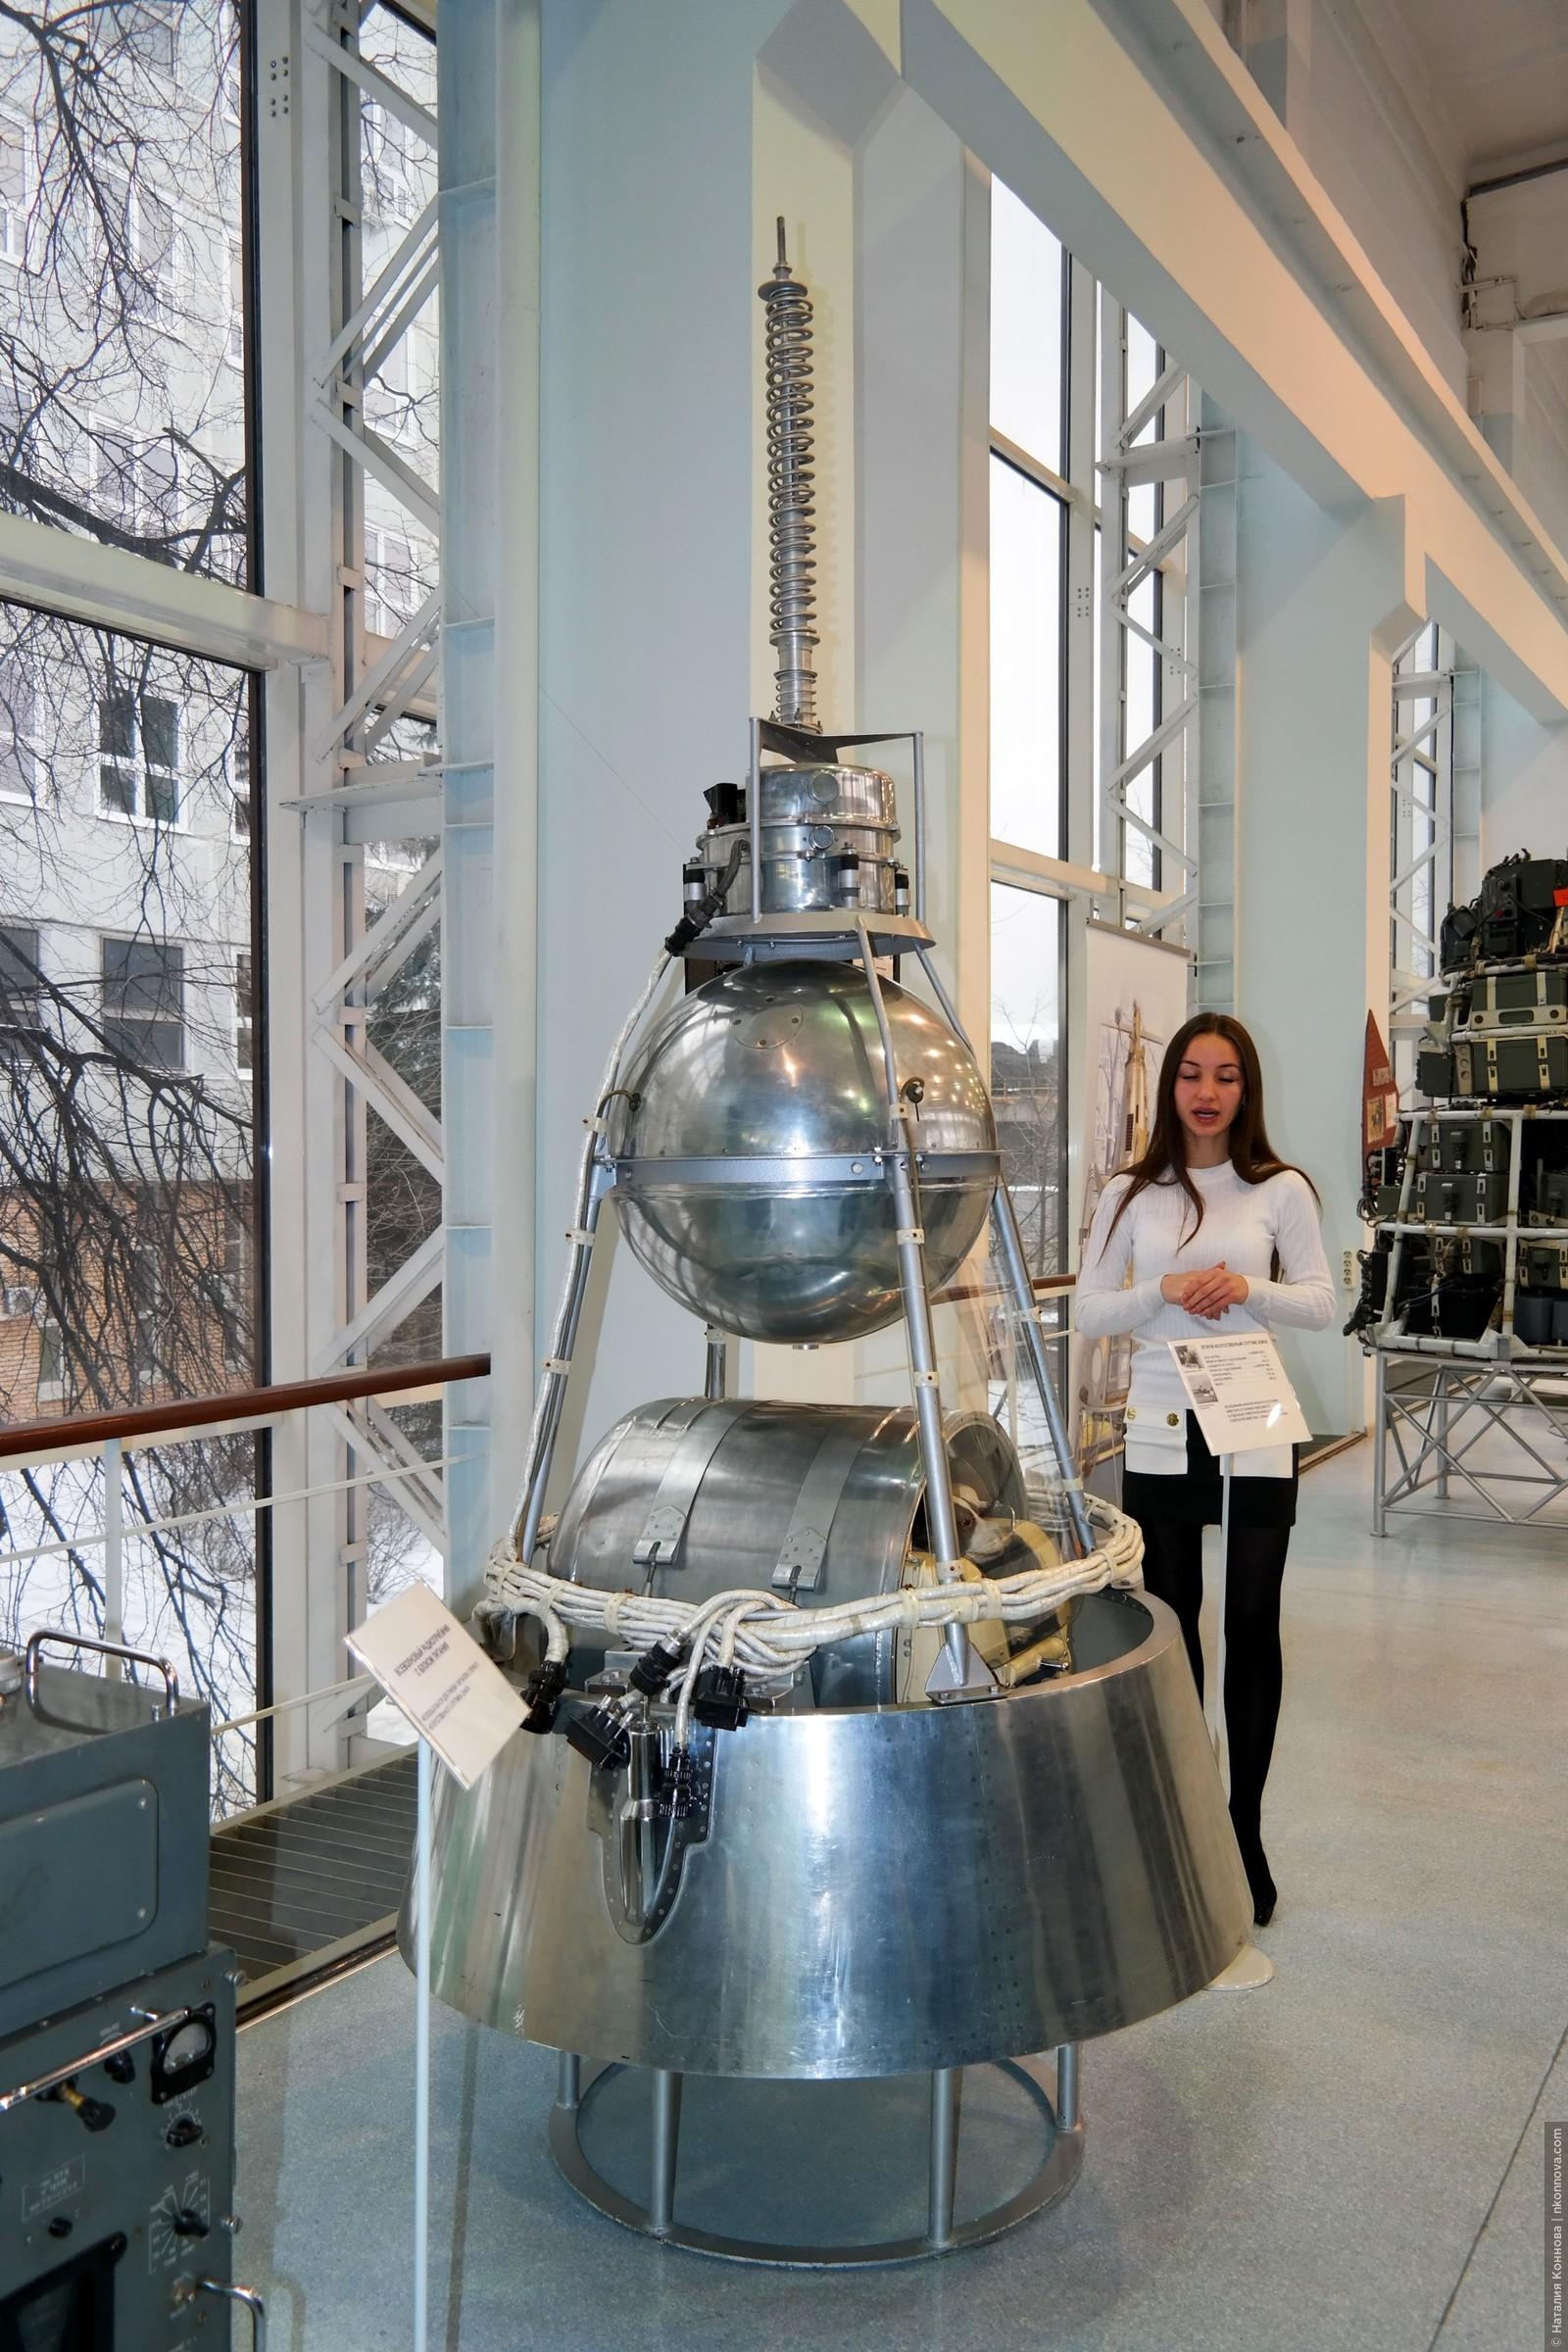 И спустя совсем немного времени запустили Спутник-2 - второй искусственный спутник Земли, уже содержавший оборудование, которого не стали дожидаться при запуске первого спутника., Музей РКК «Энергия» им. Королева